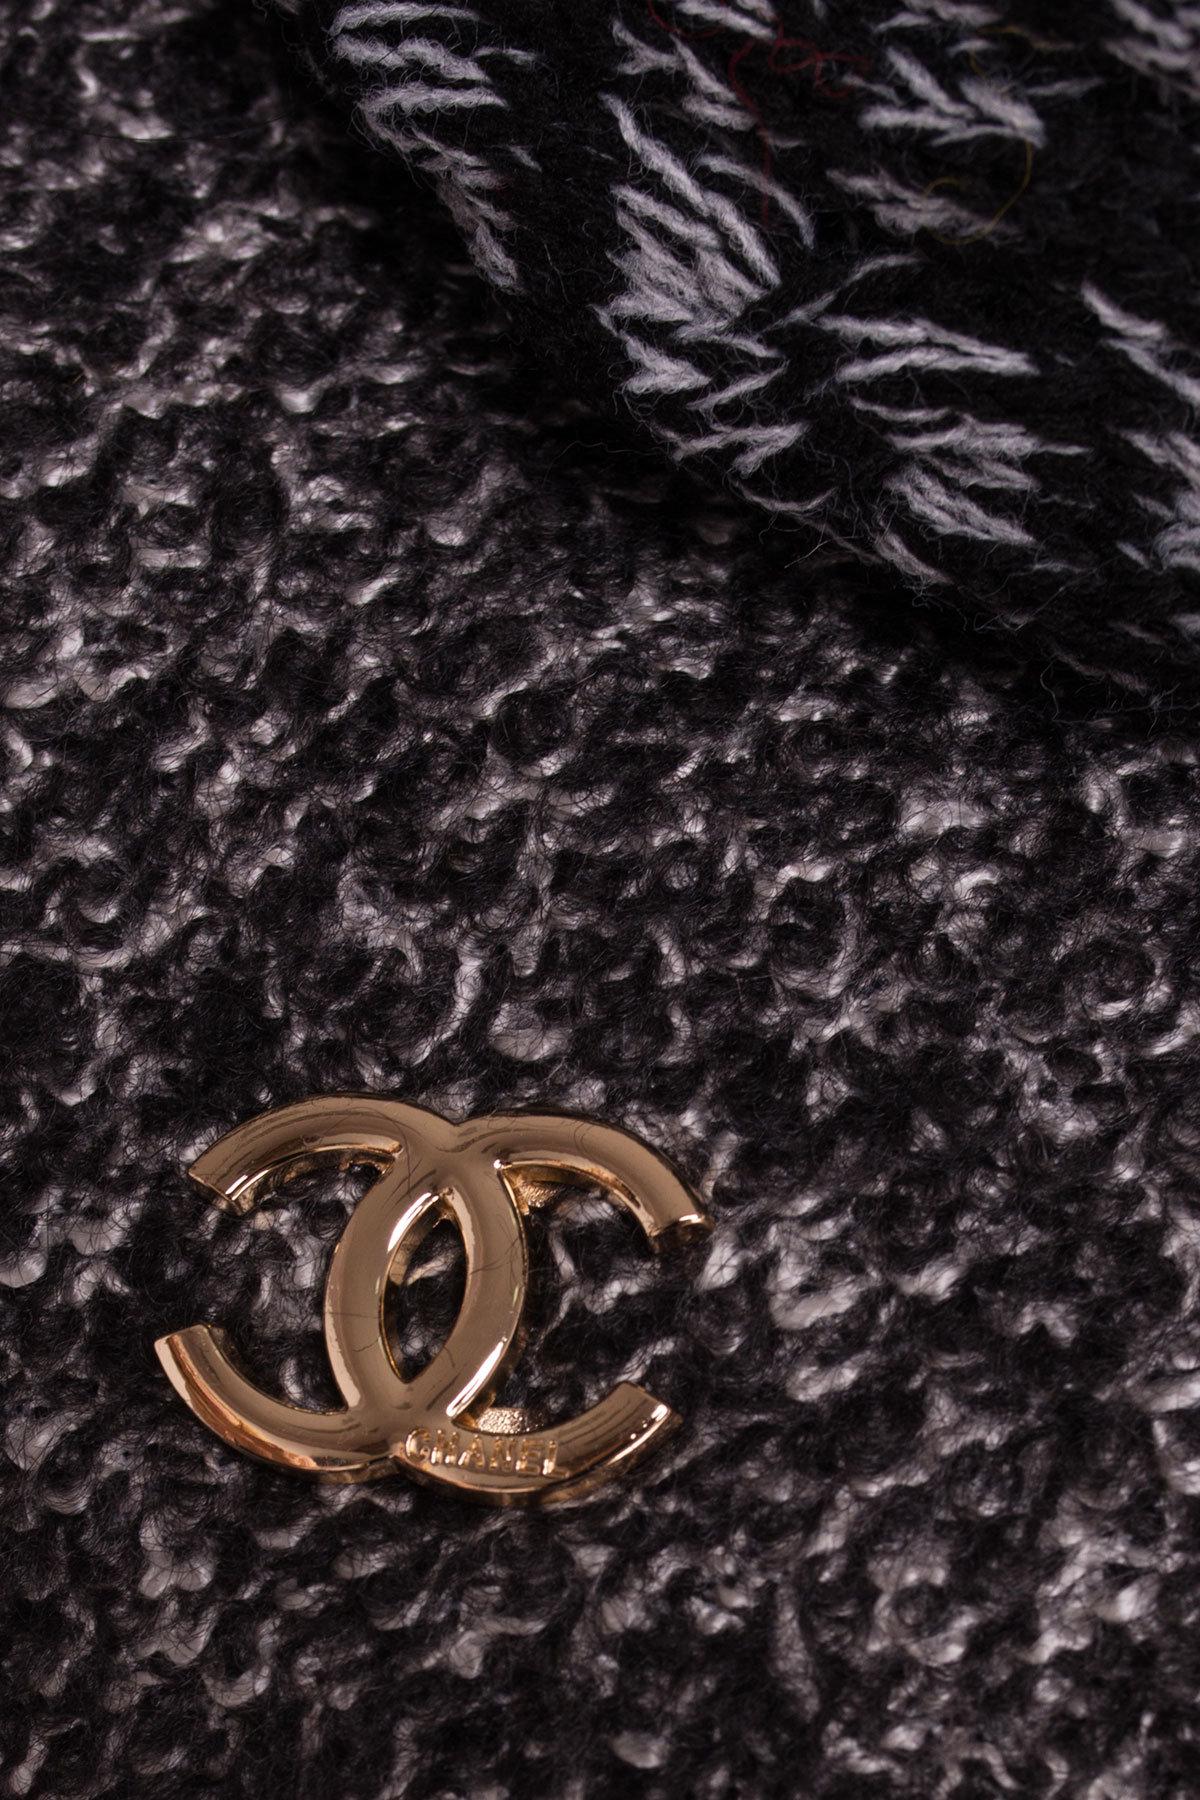 Зимнее пальто шерсть-букле Сан-Ремо 0939 АРТ. 8300 Цвет: Черный / серый 6 - фото 4, интернет магазин tm-modus.ru